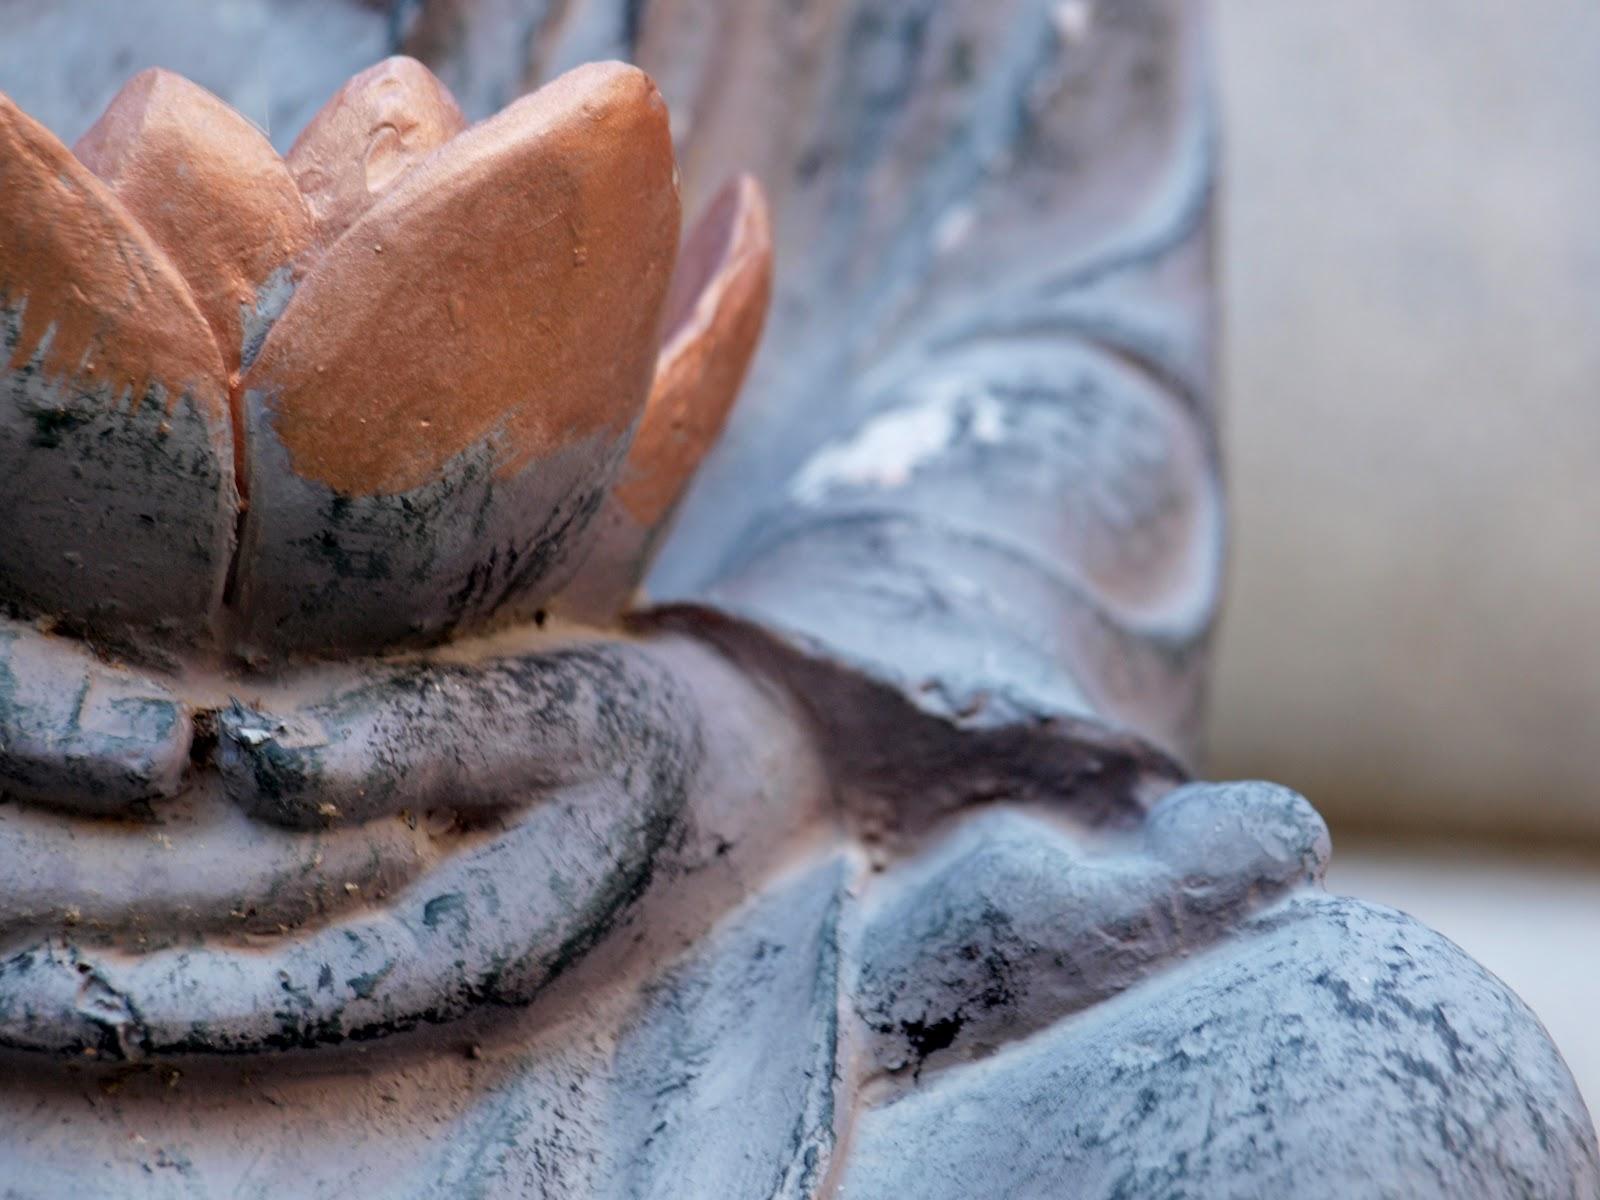 Salud y poder hinduismo un camino de transformaci n interior - Principios del hinduismo ...